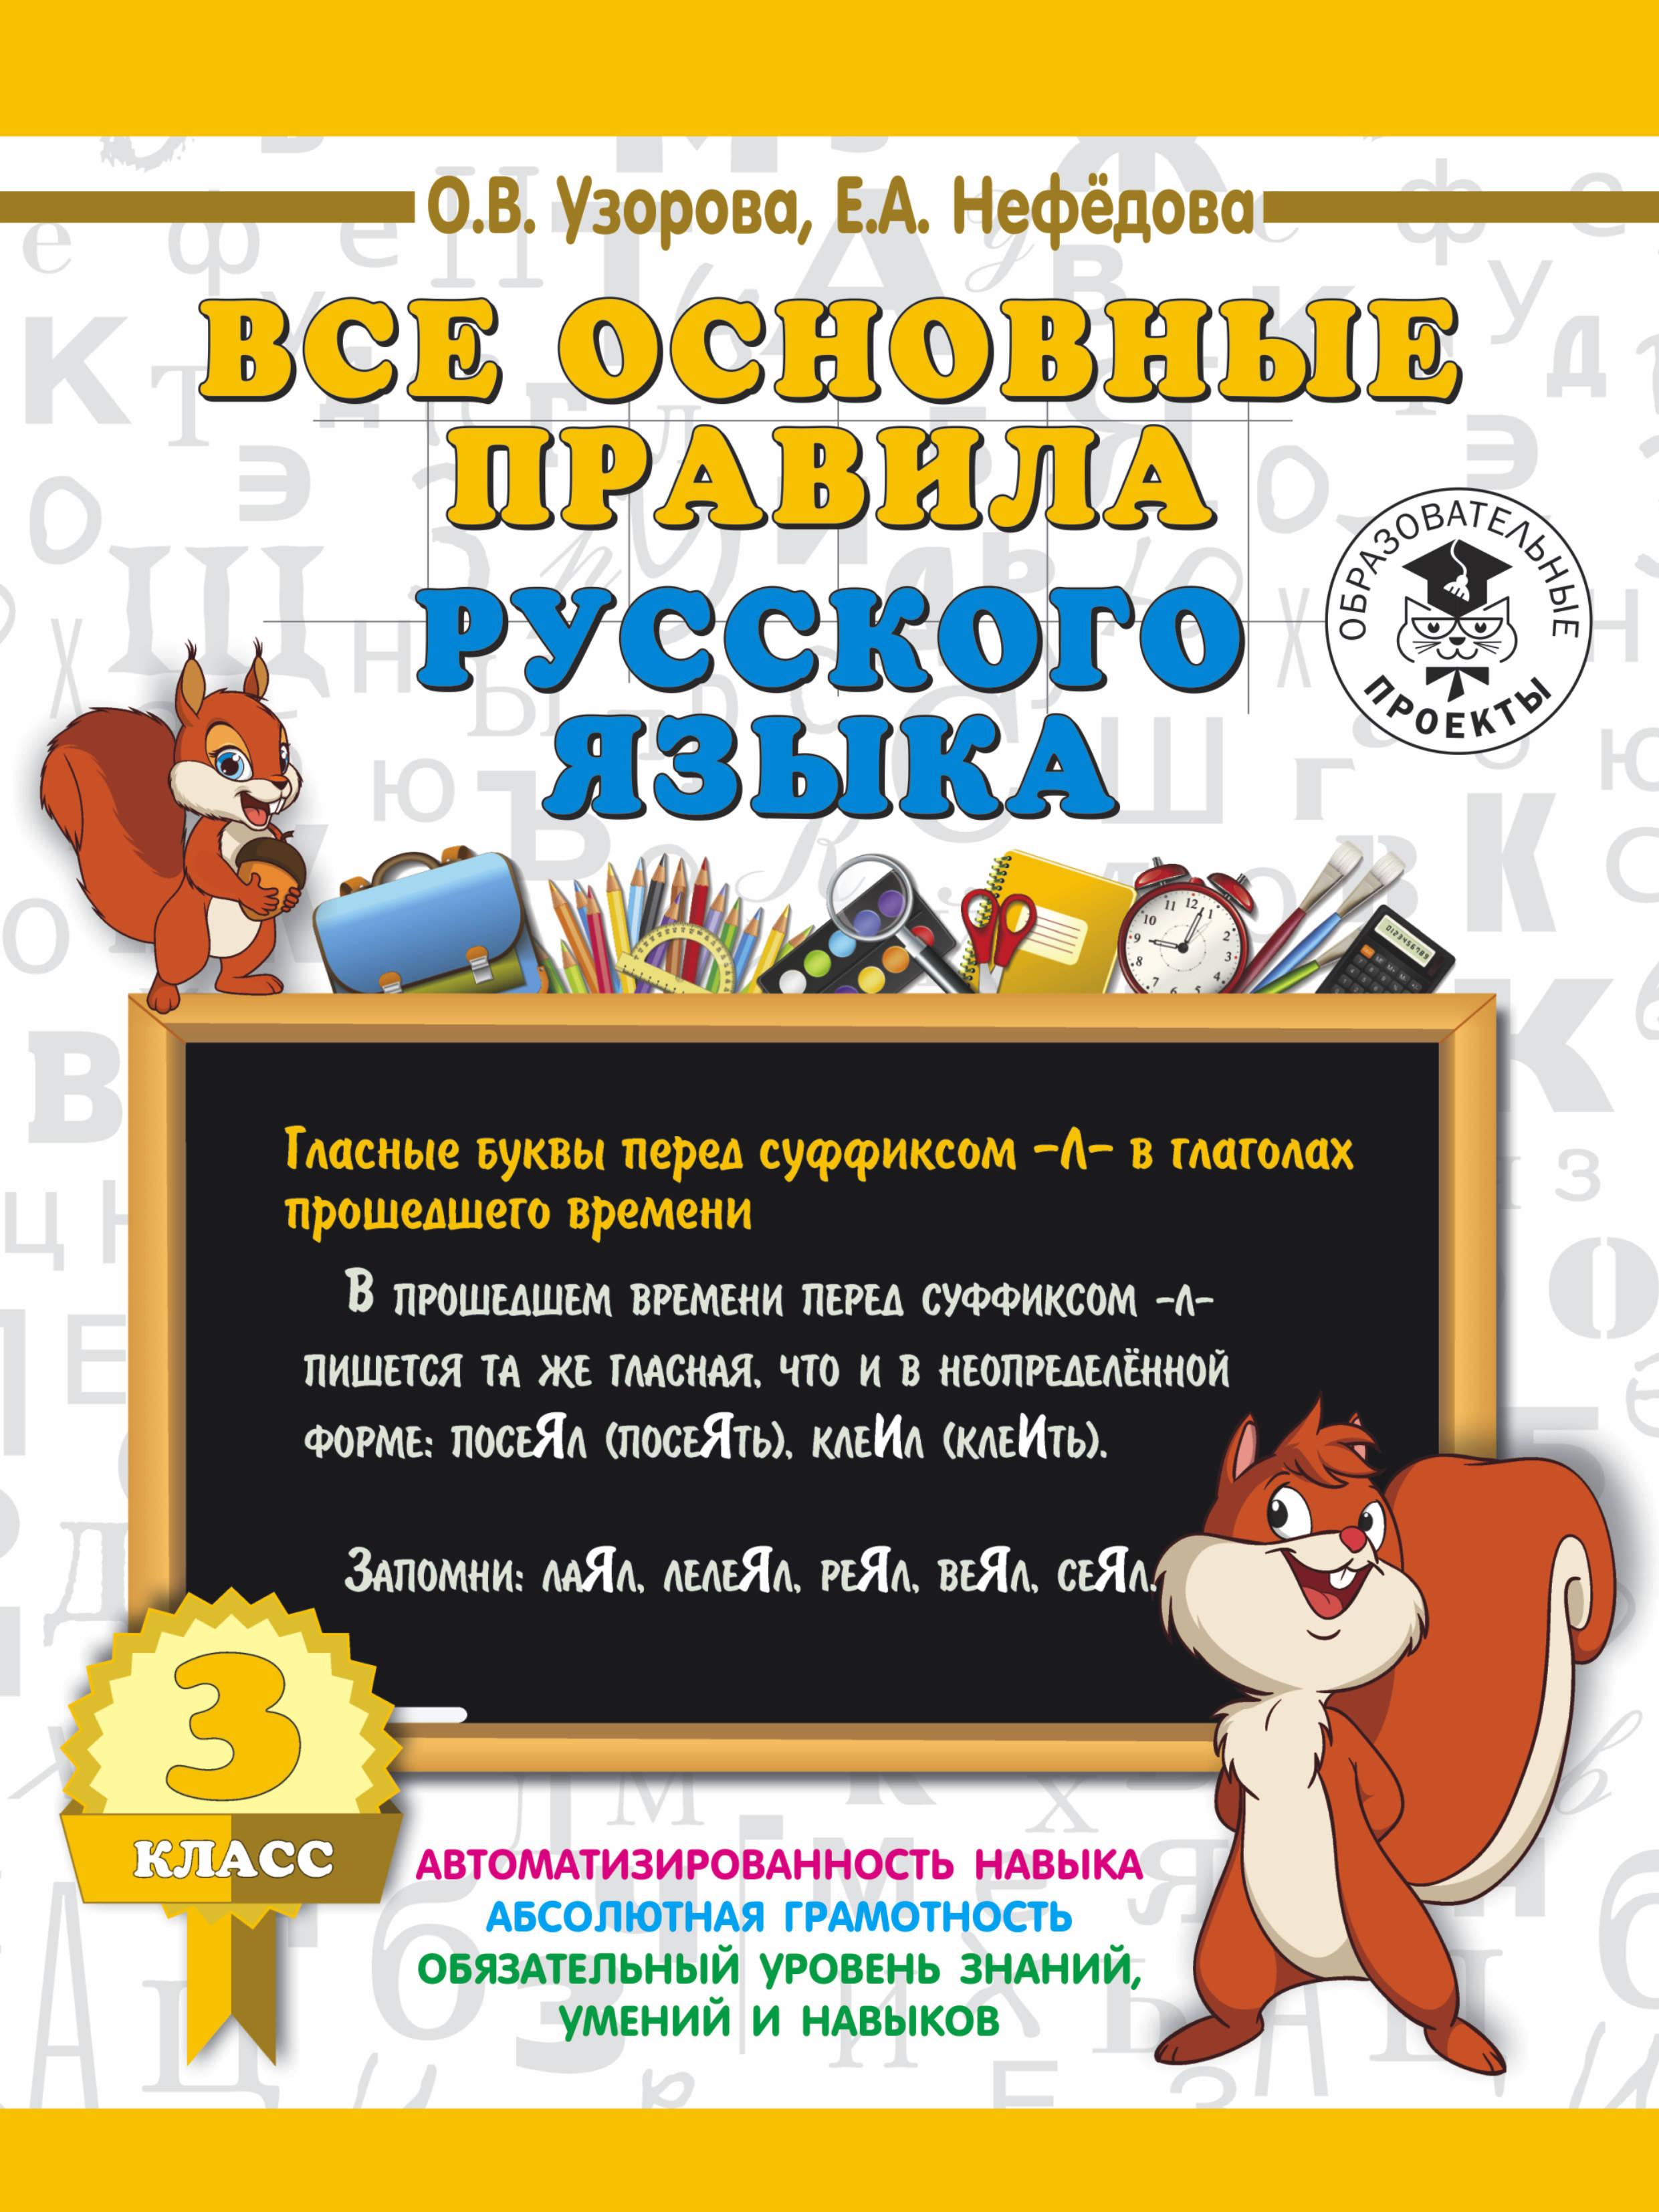 О. В. Узорова, Е. А. Нефедова Русский язык. 3 класс. Все основные правила